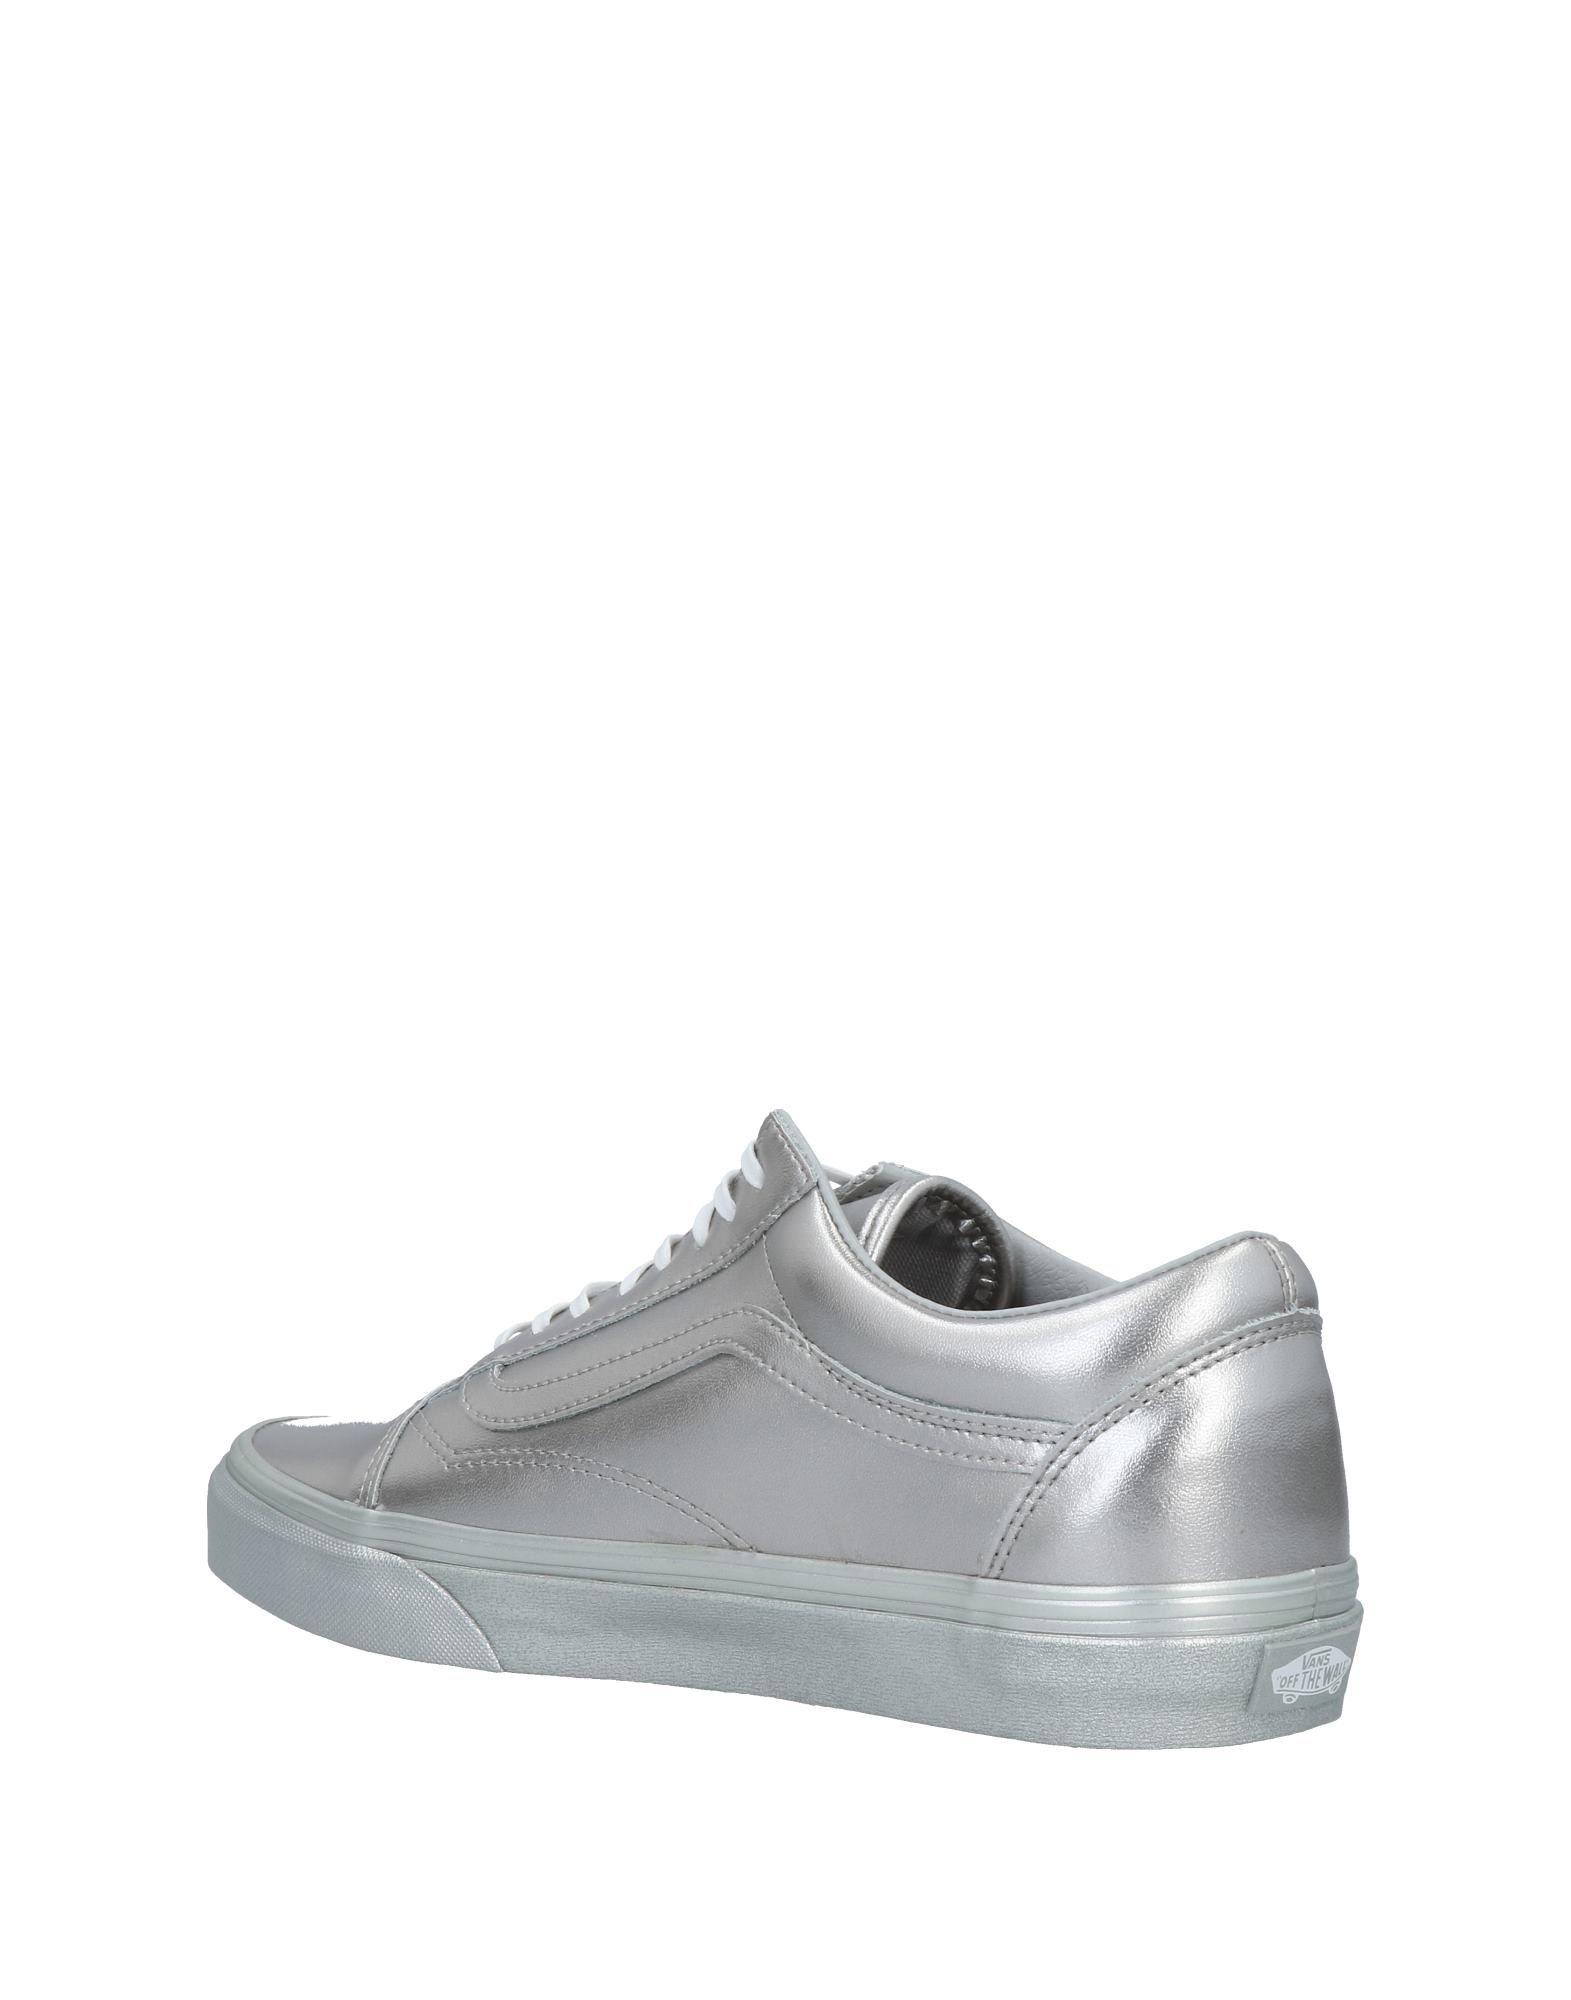 Herren Vans Sneakers Herren   11490848UA Heiße Schuhe 8dd3c9